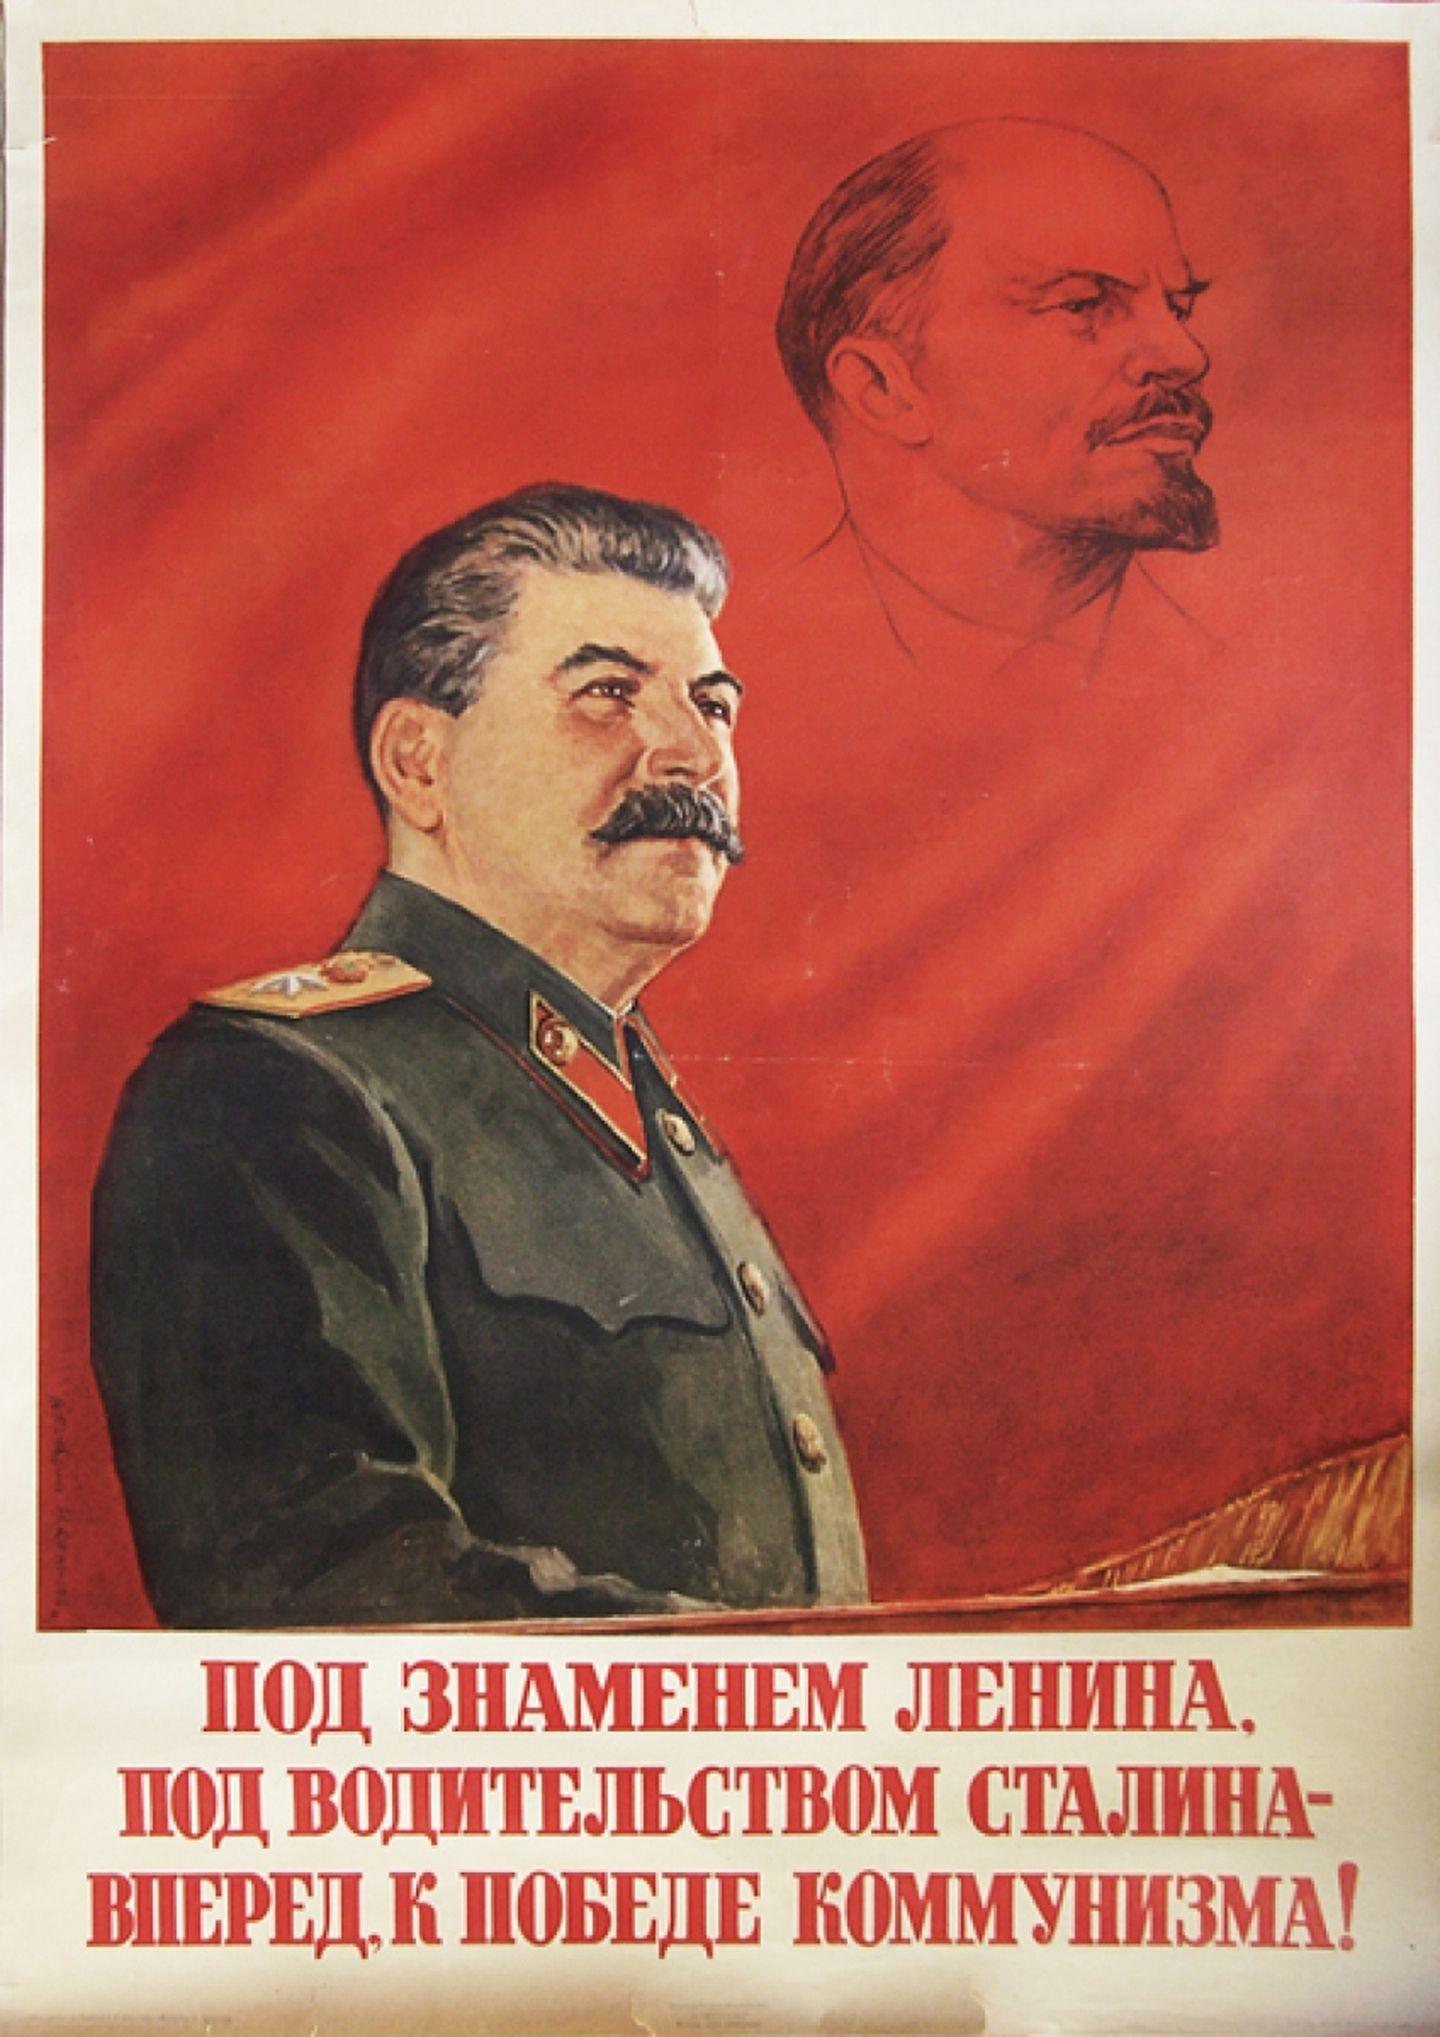 Кто и почему хотел построить коммунизм в СССР  к 1980 году ?